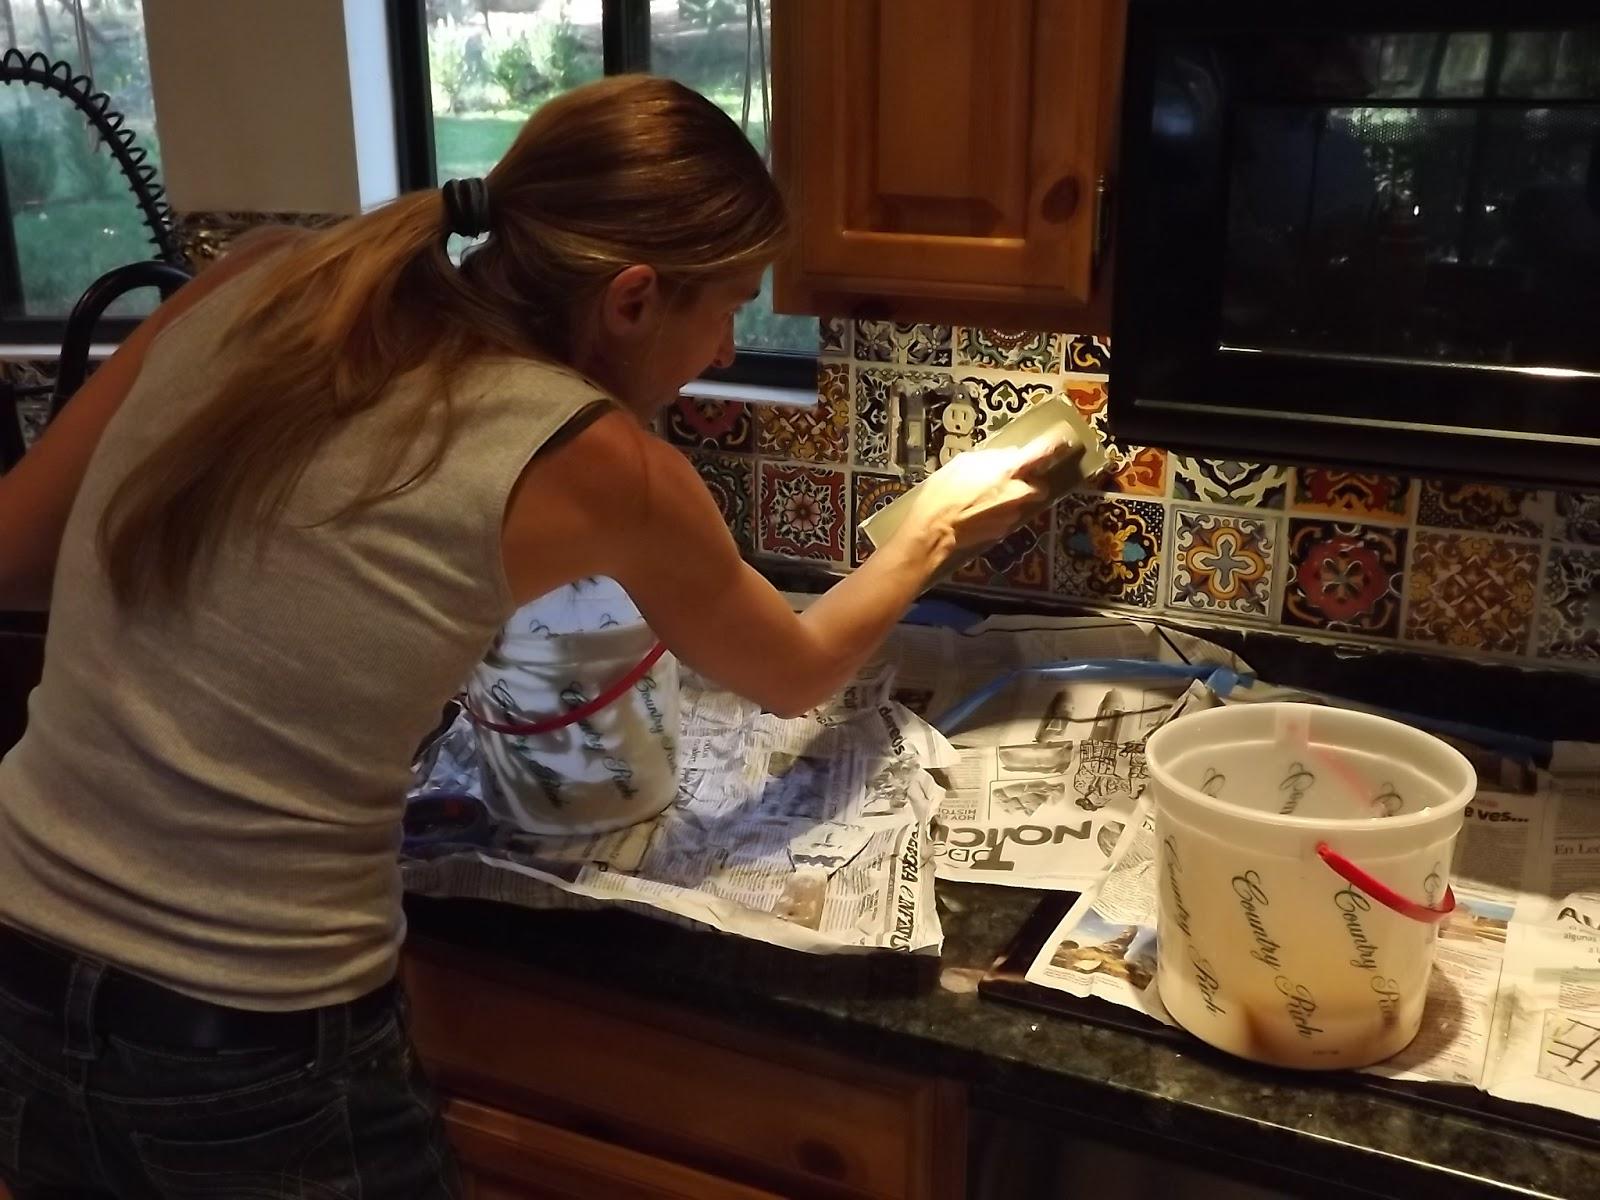 How To Remove Tile Backsplash >> Dusty Coyote: Mexican Tile Kitchen Backsplash DIY